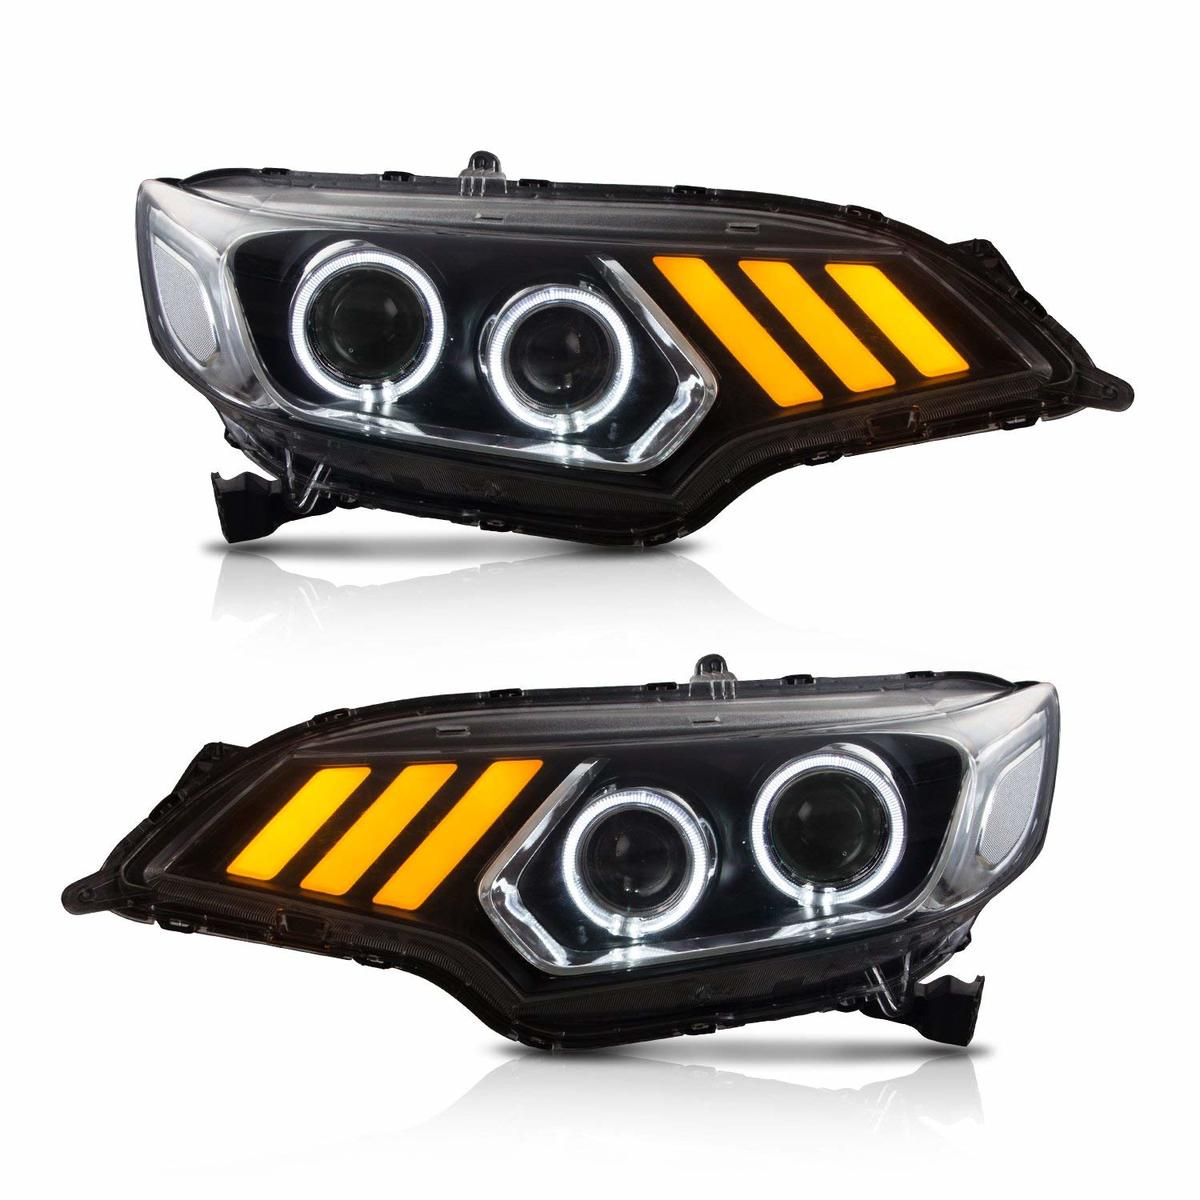 フィット 配送員設置送料無料 お得クーポン発行中 GK GP ヘッドライト LED FIT FOR 2014-UP後のLEDヘッドライト ブラック HONDA GP前のハロゲンヘッドライト車適した USEKAホンダフィットGK